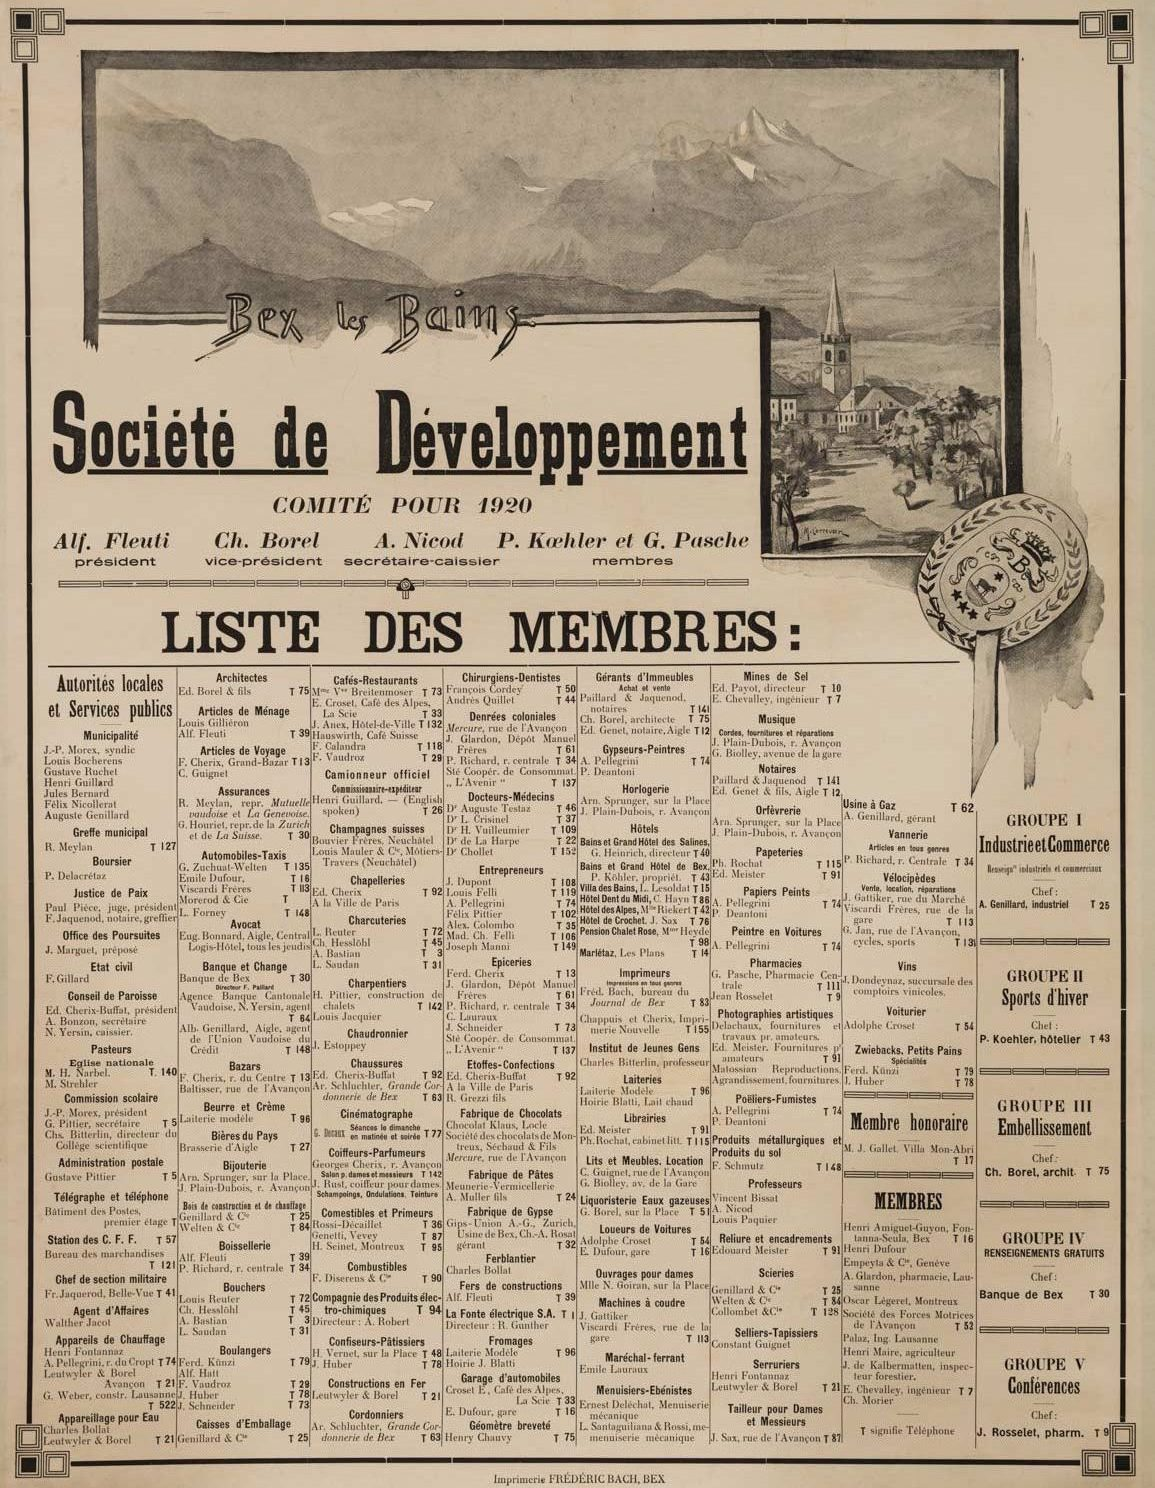 """Affiche """"Bex les Bains"""", Société de Développement, comité pour 1920. Imprimerie Frédéric Bach, Bex. 50 x 65cm, collection Mandement de Bex"""